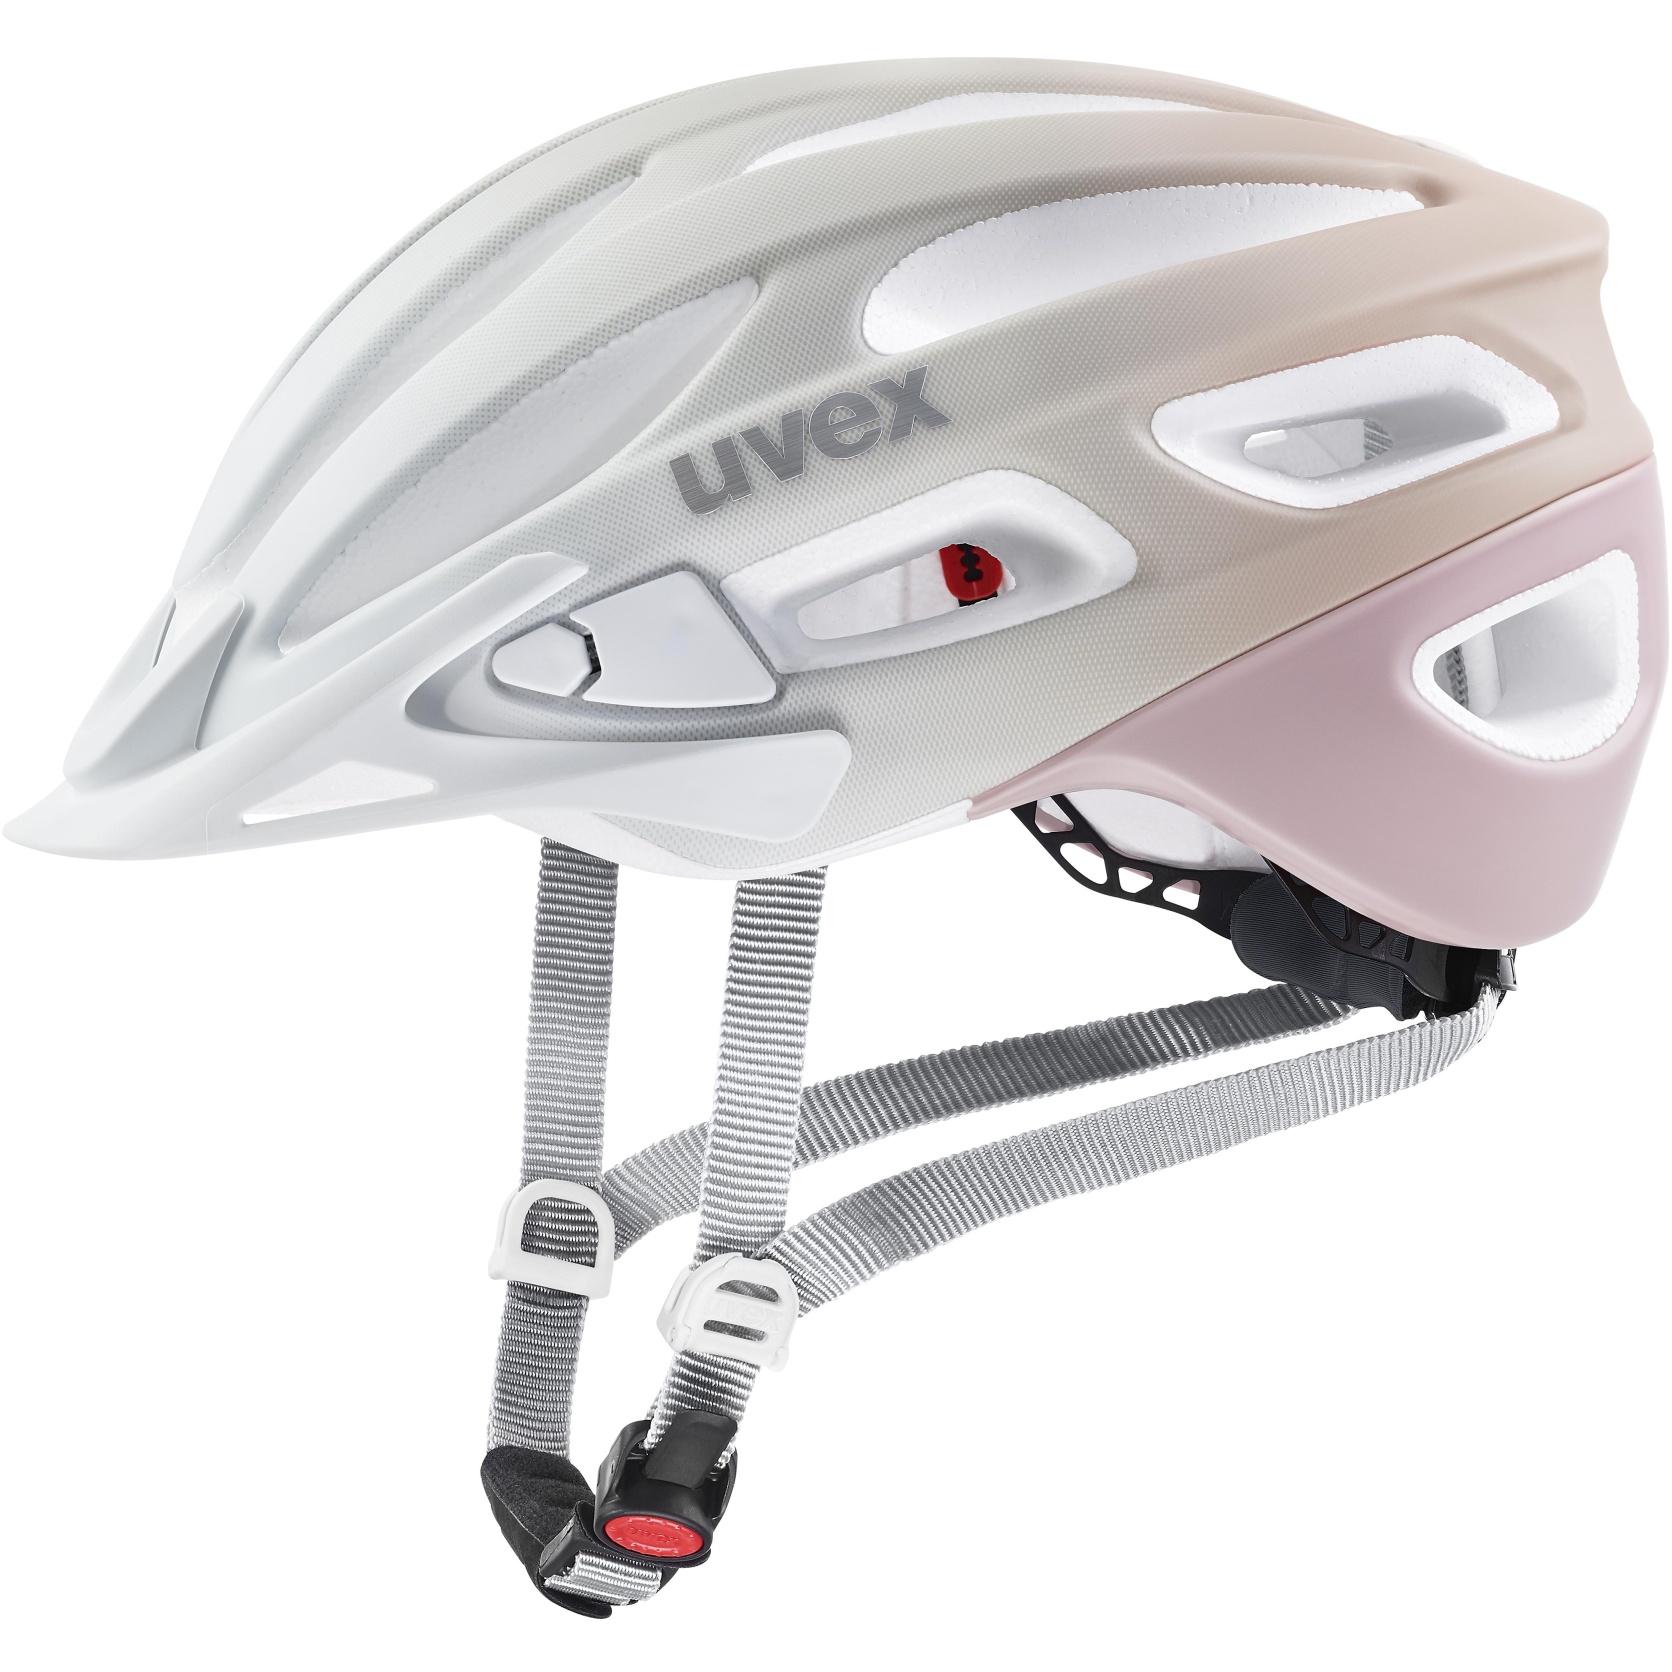 Image of Uvex true cc Helmet - sand-dust rose mat